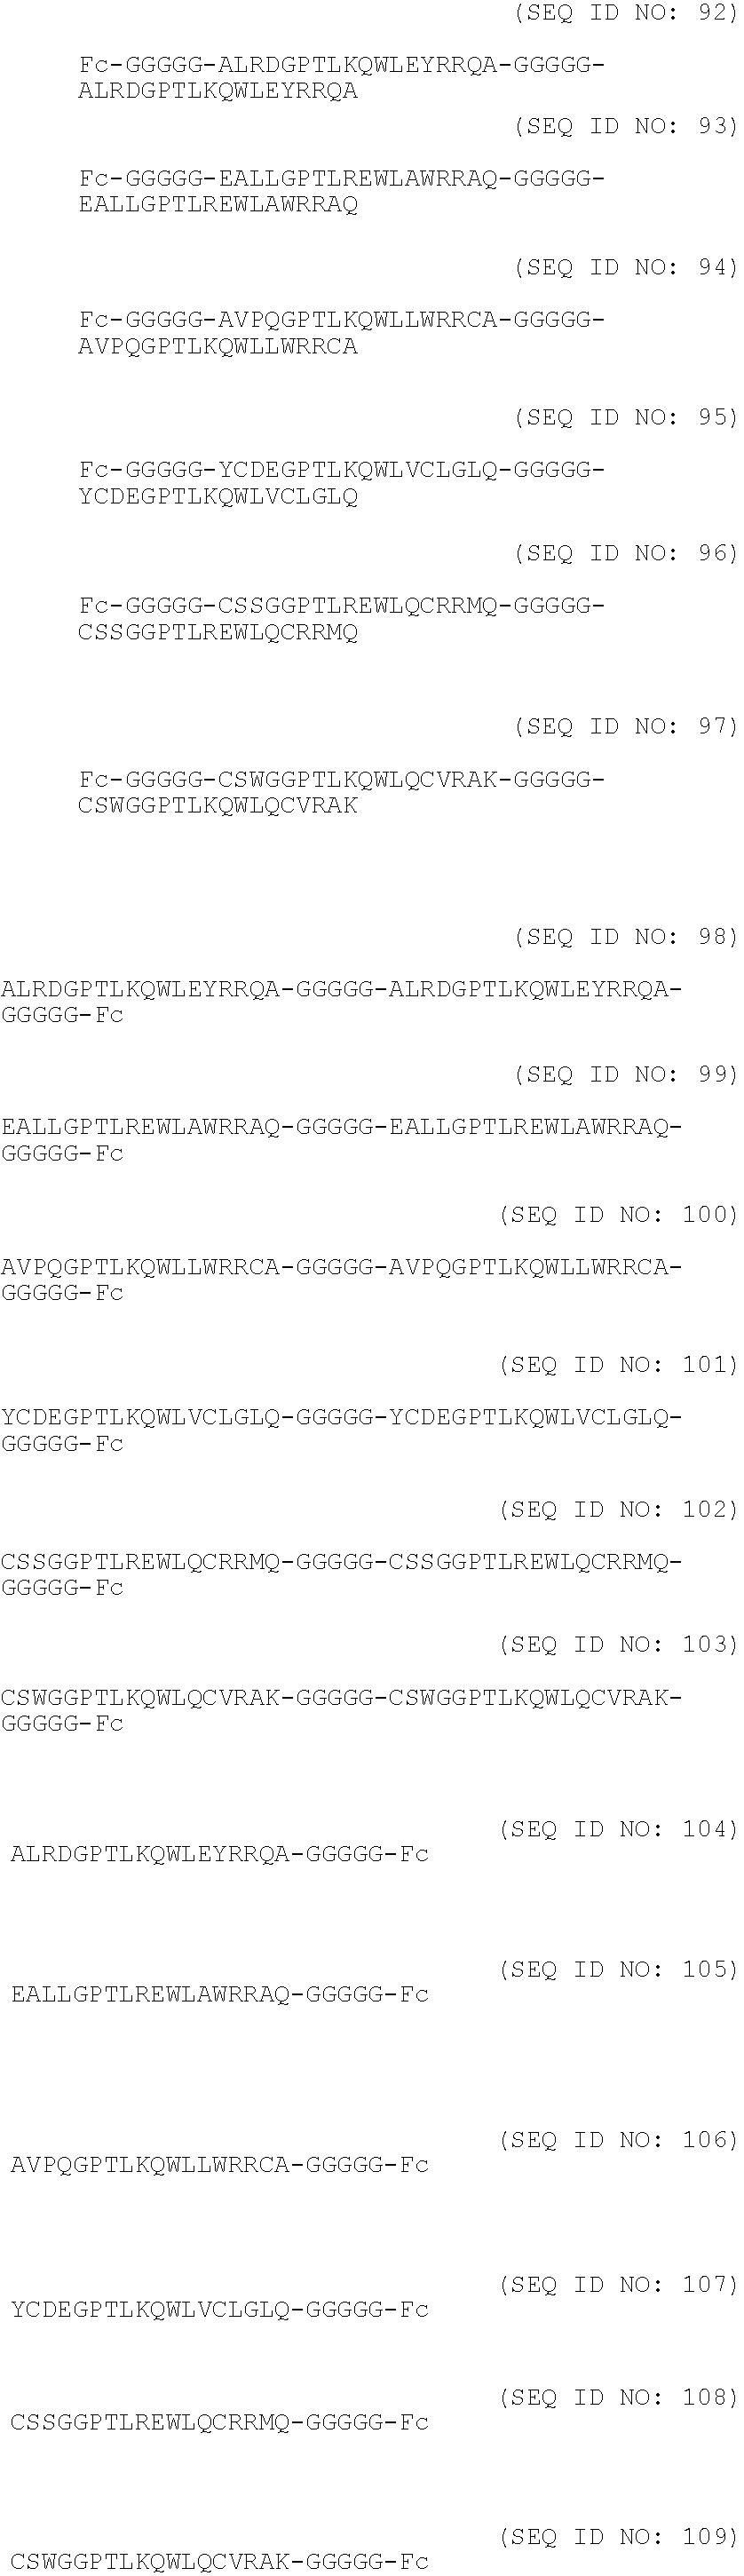 Figure US09012605-20150421-C00005